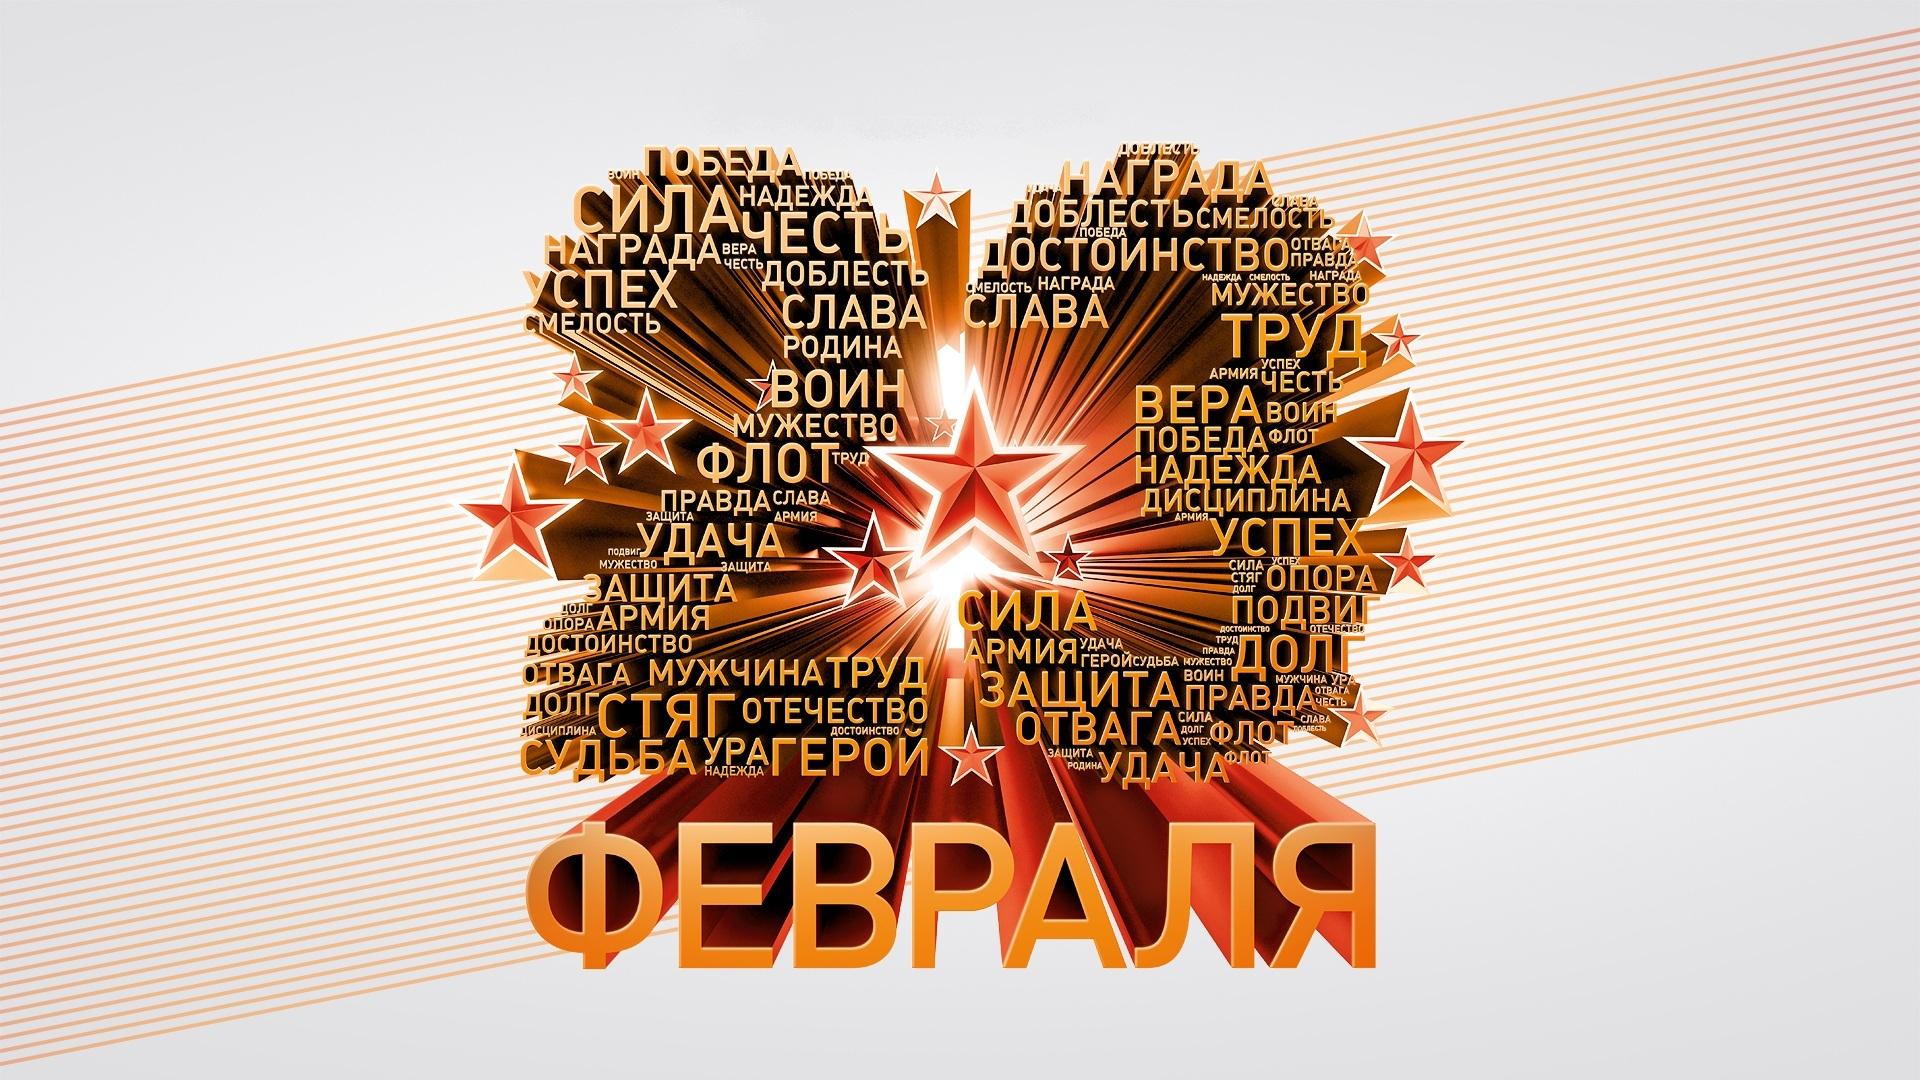 Как поздравят защитников Отечества на праздновании в Санкт-Петербурге 23февраля,армия,россия